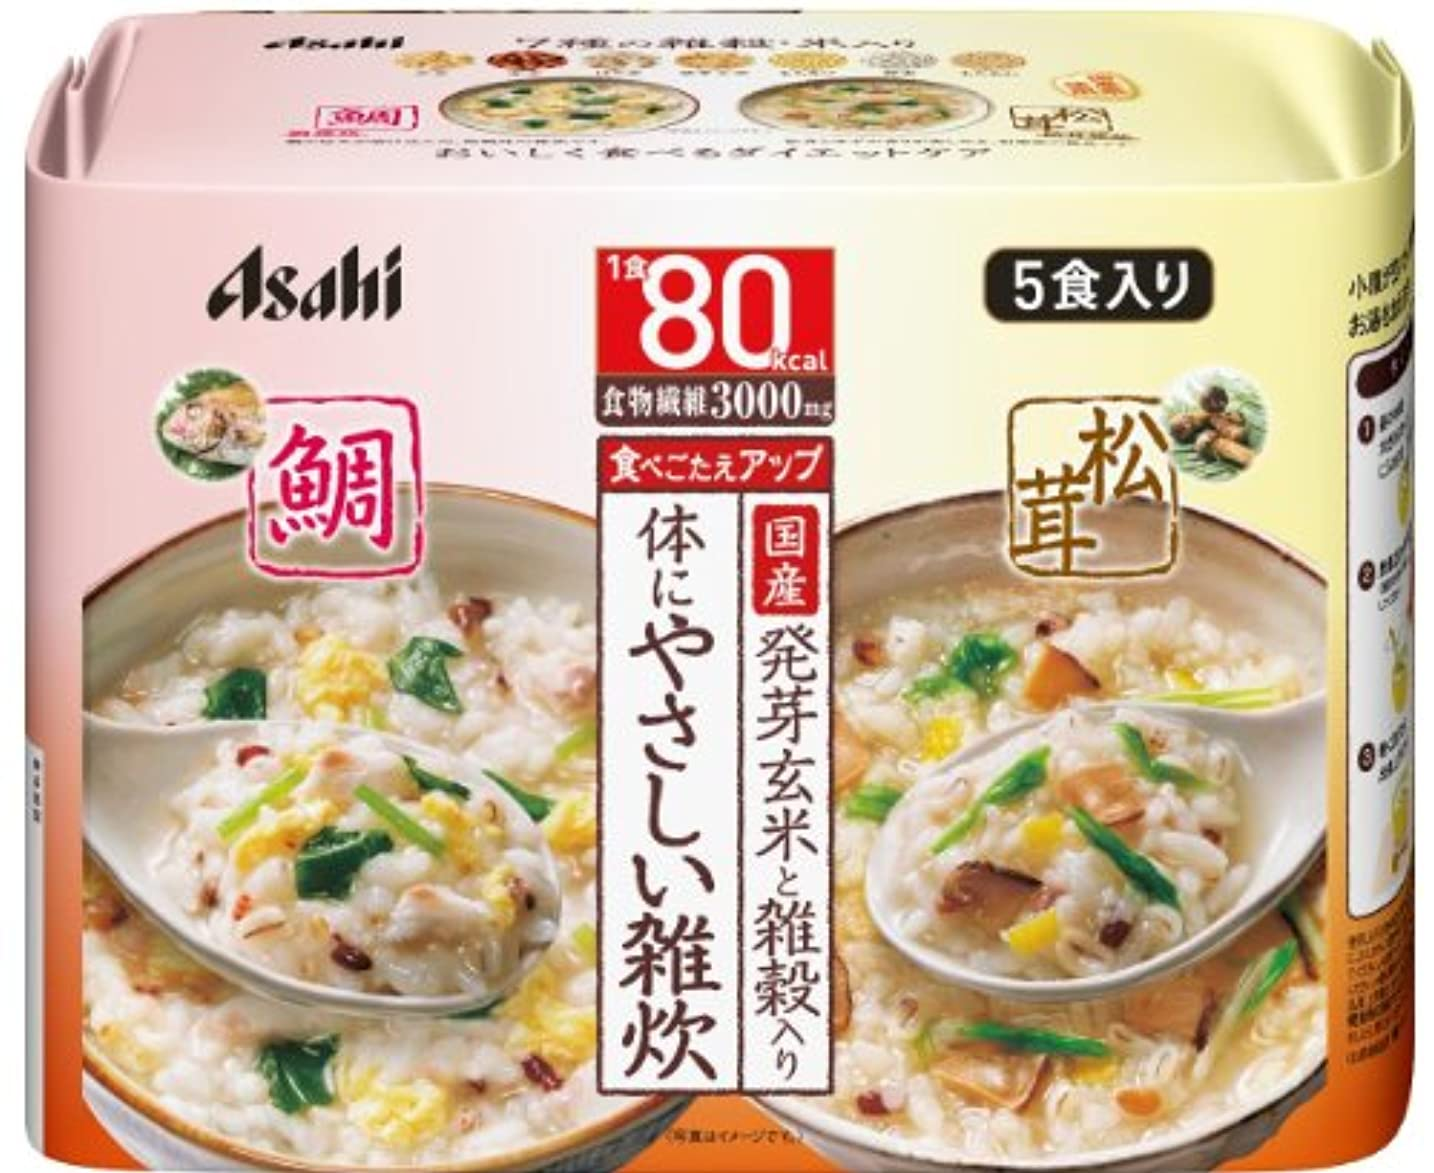 リセットボディ 体にやさしい鯛&松茸雑炊 5食入